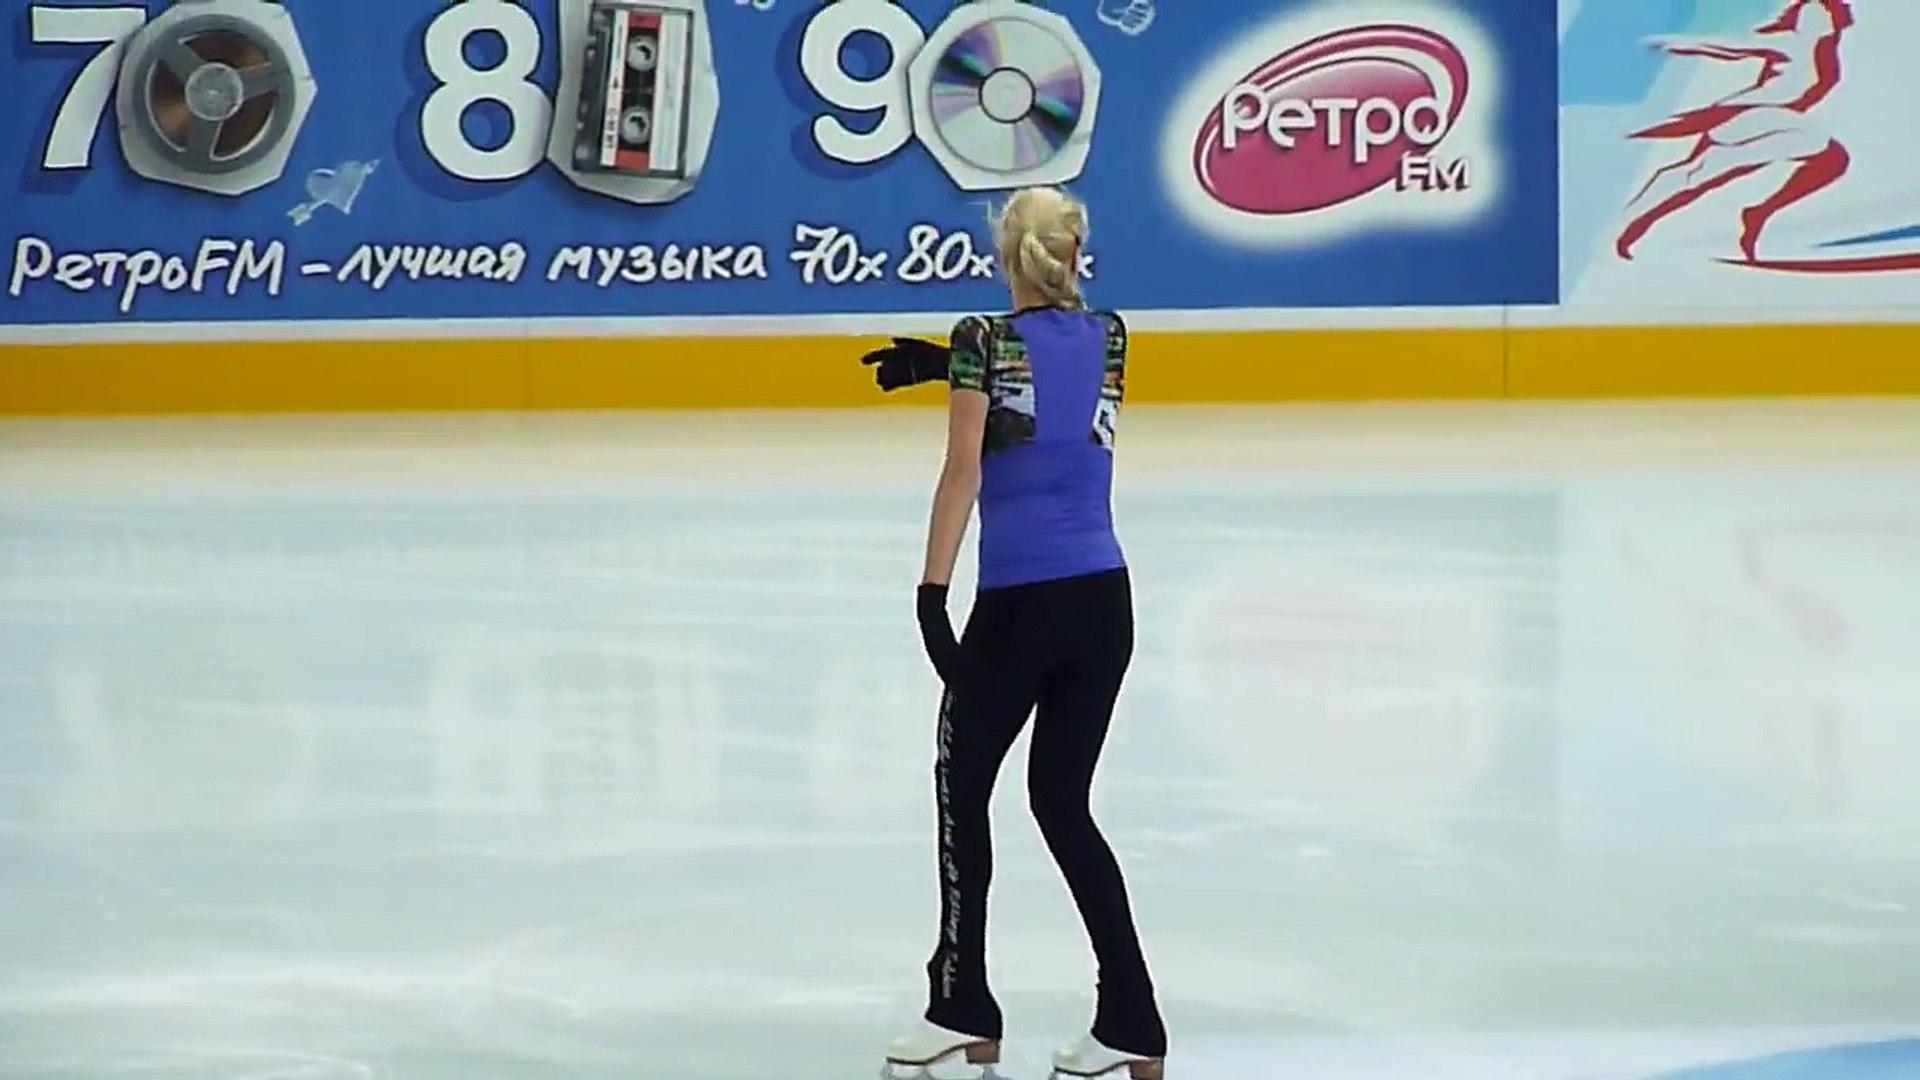 Анна Погорилая КП на тренировке (ЧР 2015)